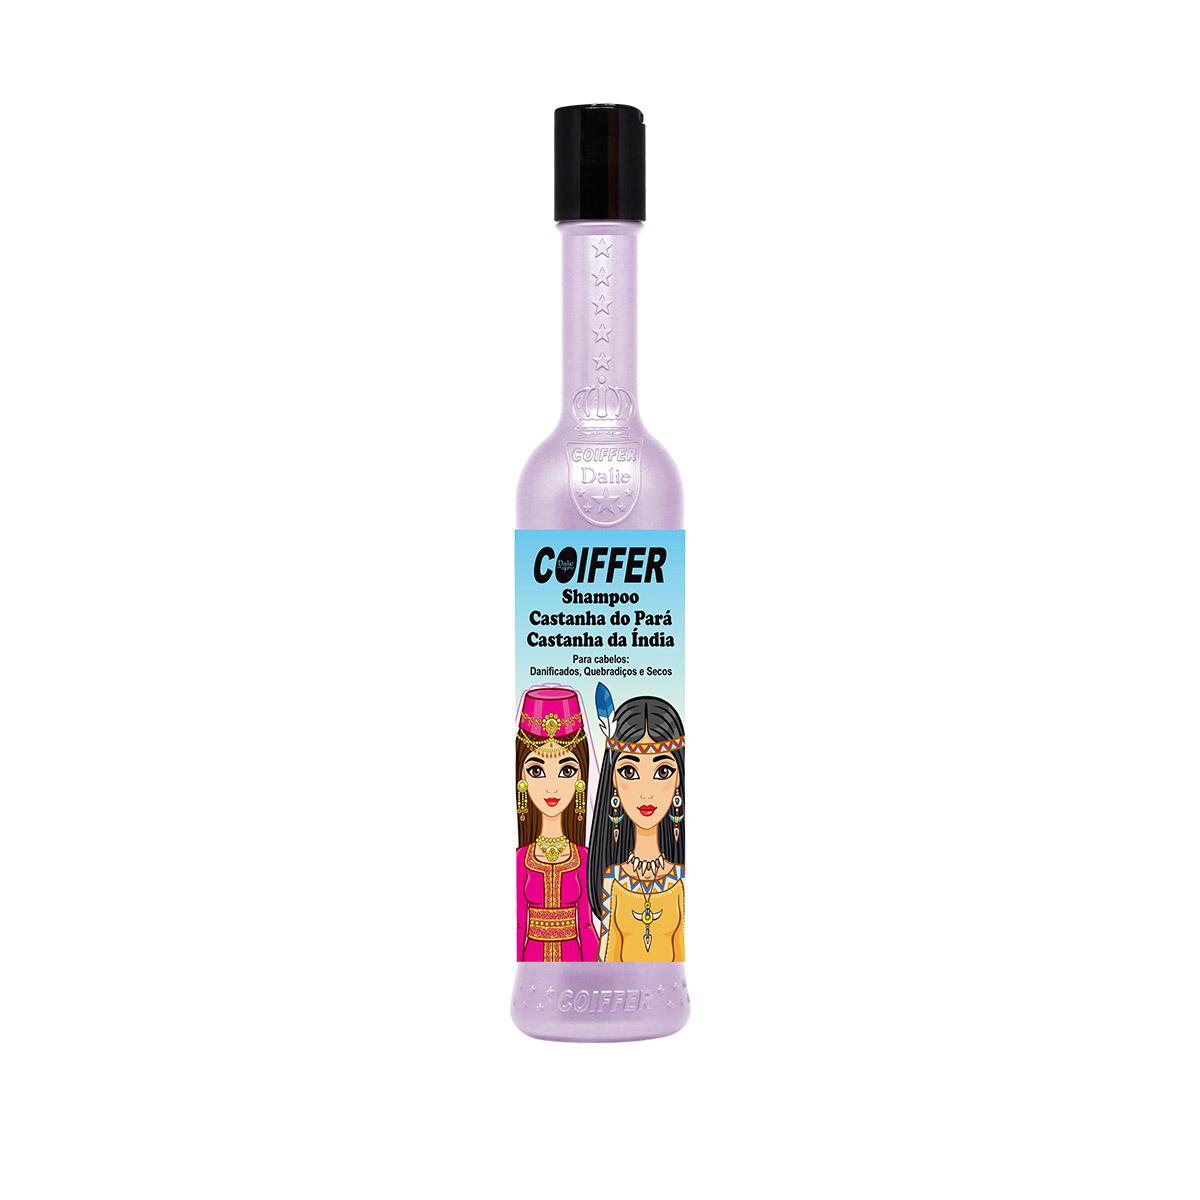 Shampoo para Cabelos  Castanho do Pará e Castanha da Índia Coiffer 300ml